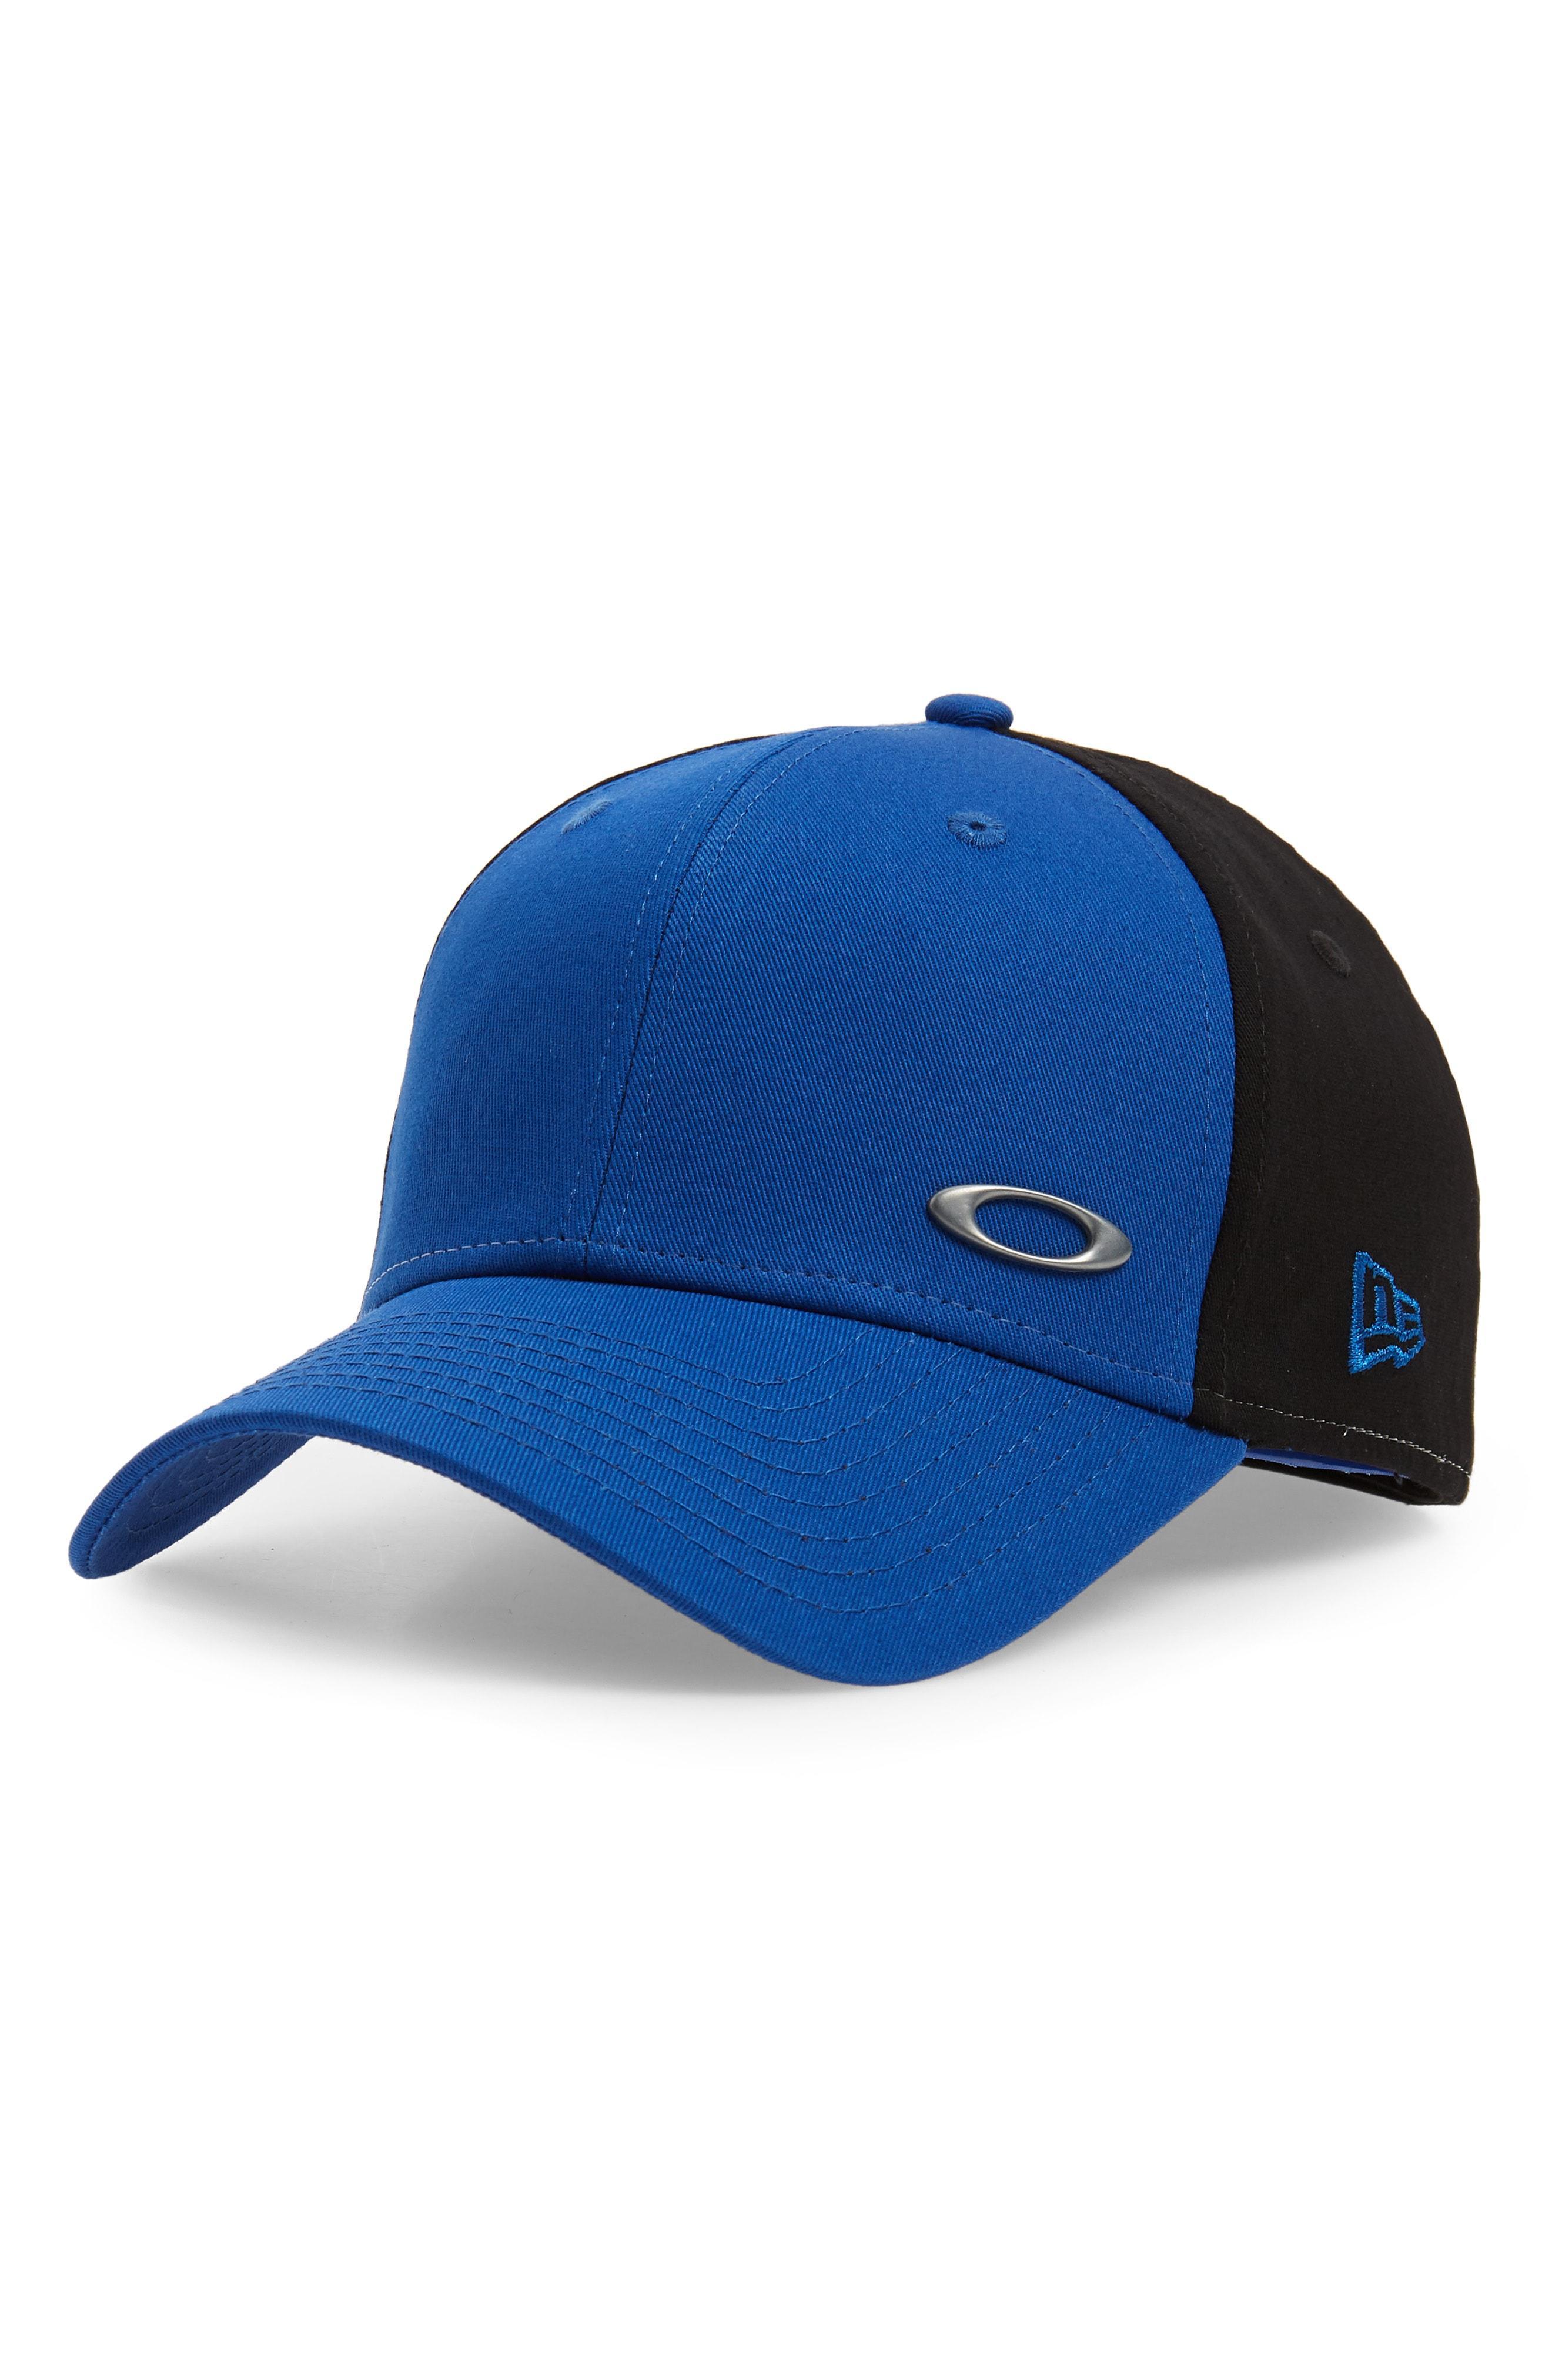 Lyst - Oakley Tinfoil Baseball Cap in Blue for Men 877fc9617628